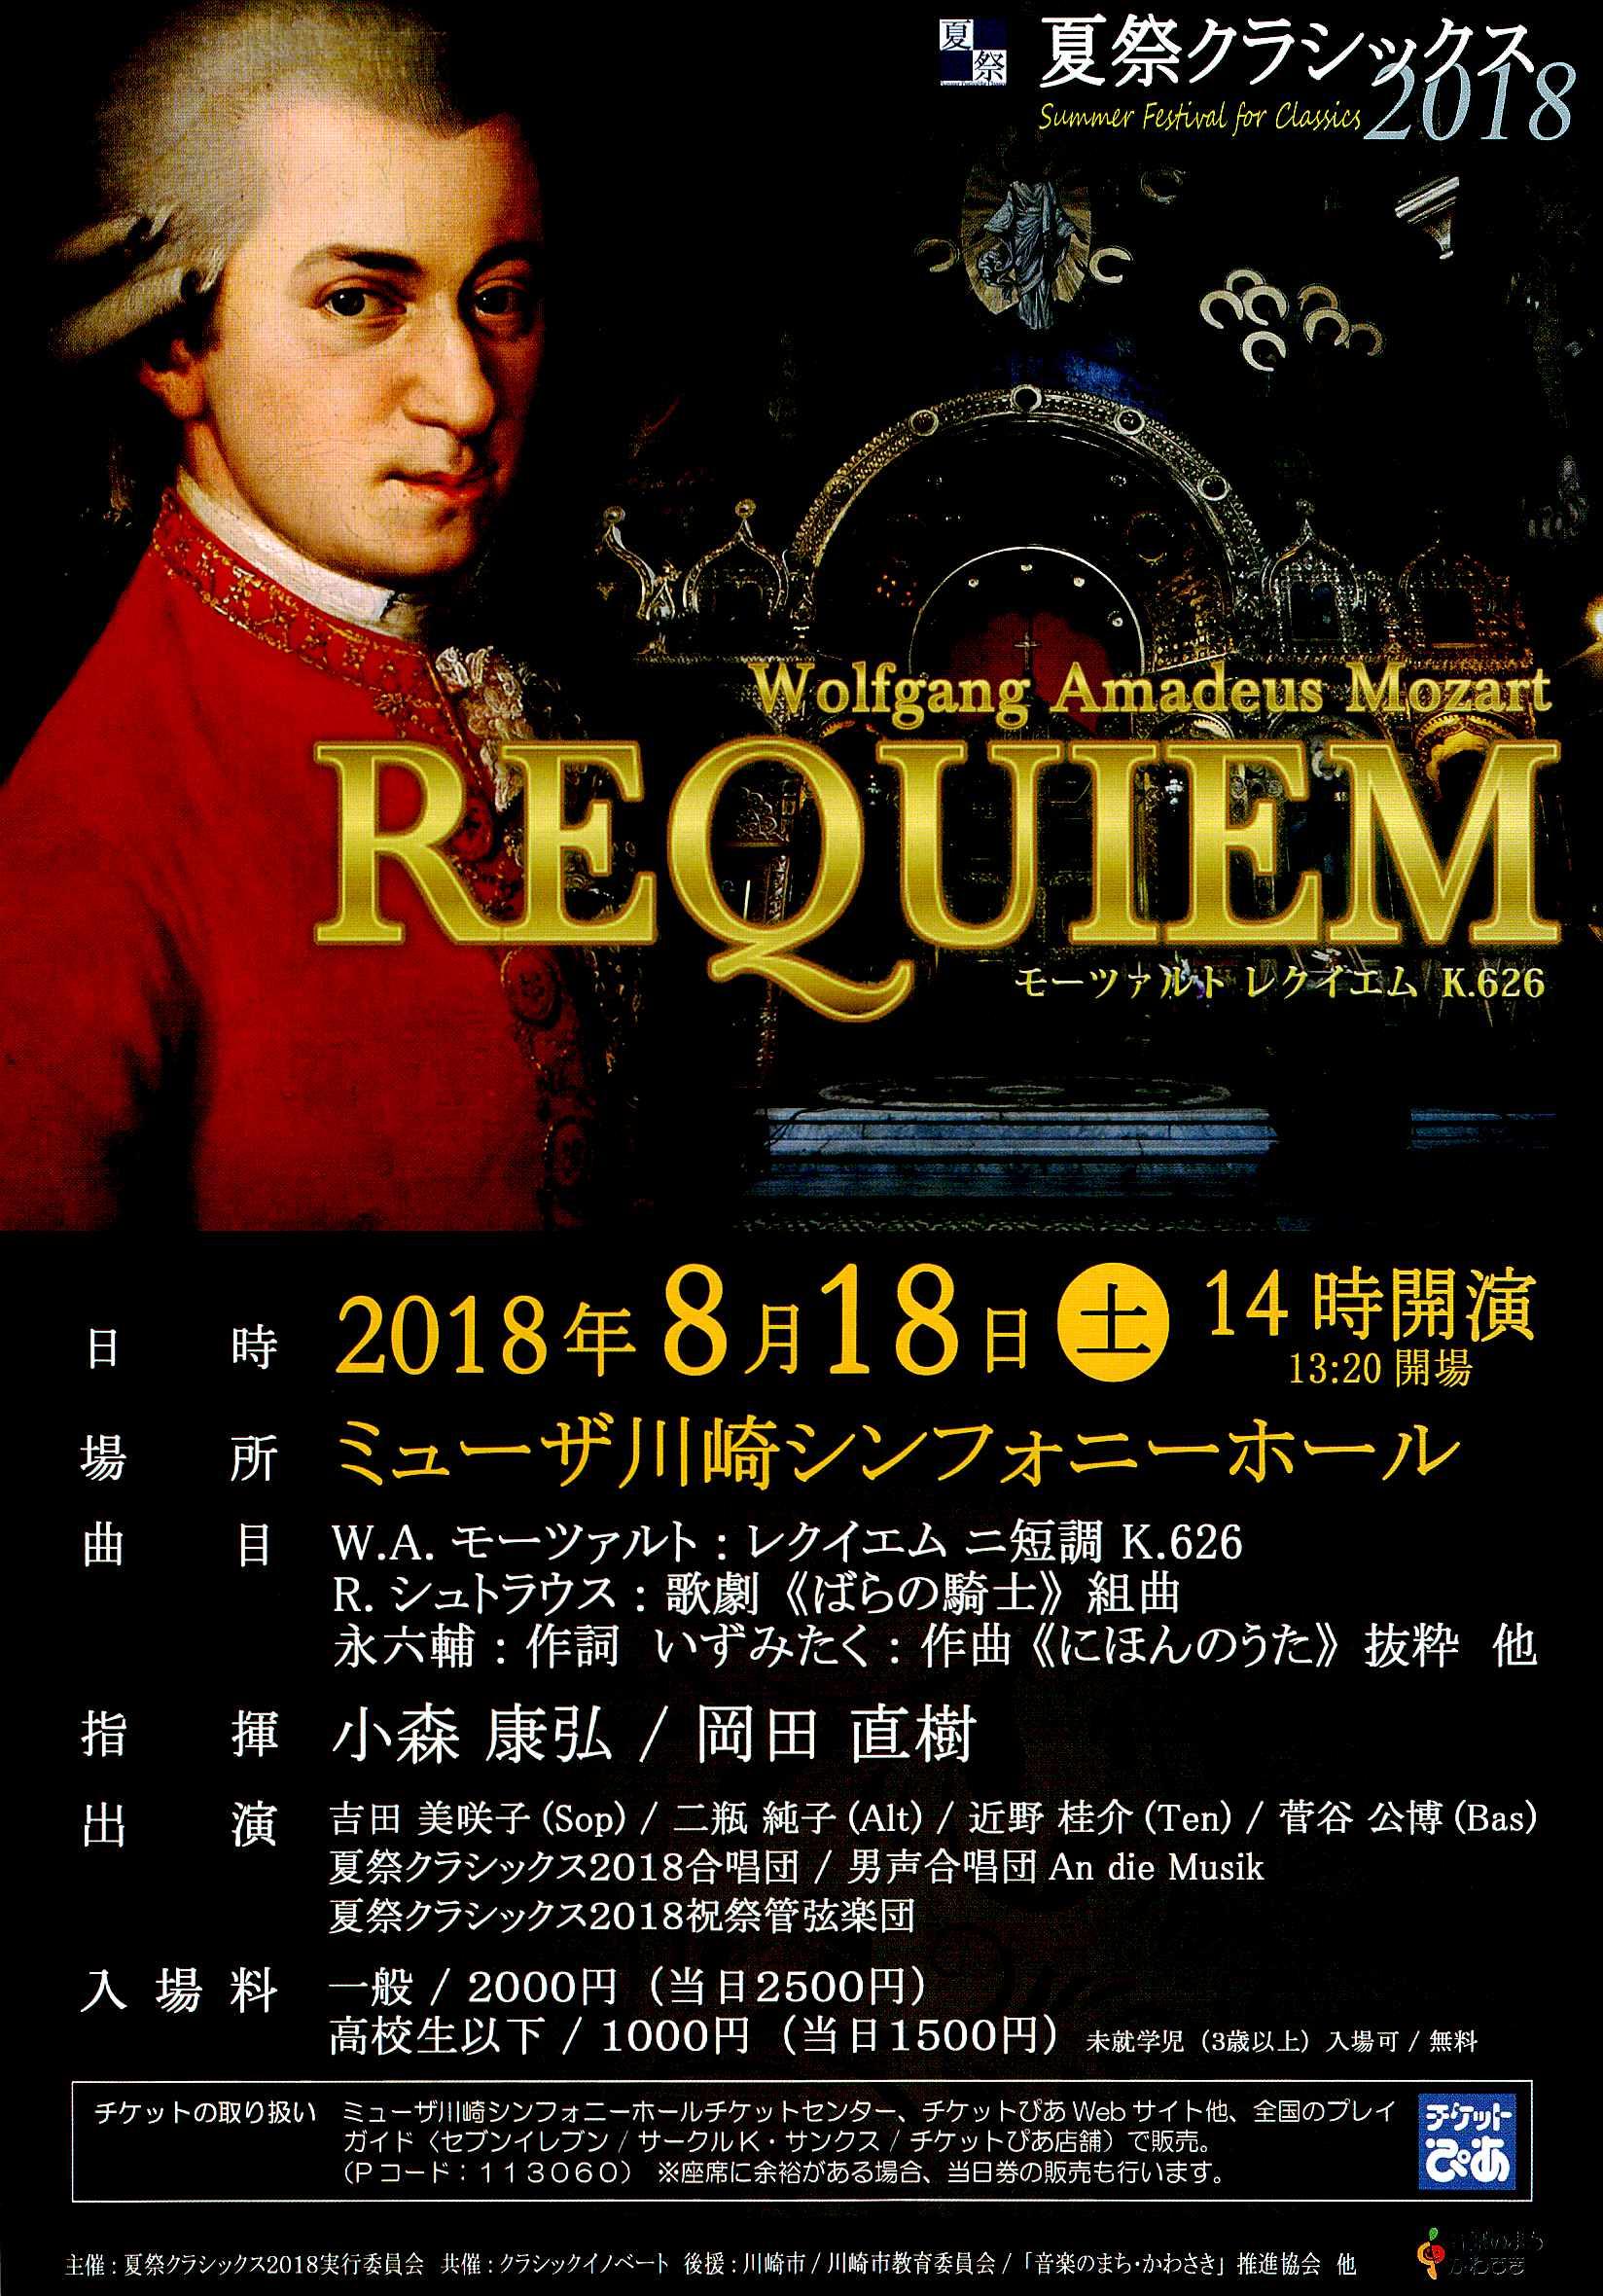 2018年8月18日(土) 夏祭クラシックス2018 Wolfgang Amadeus Mozart REQUIEM モーツァルト レクイエム K.626